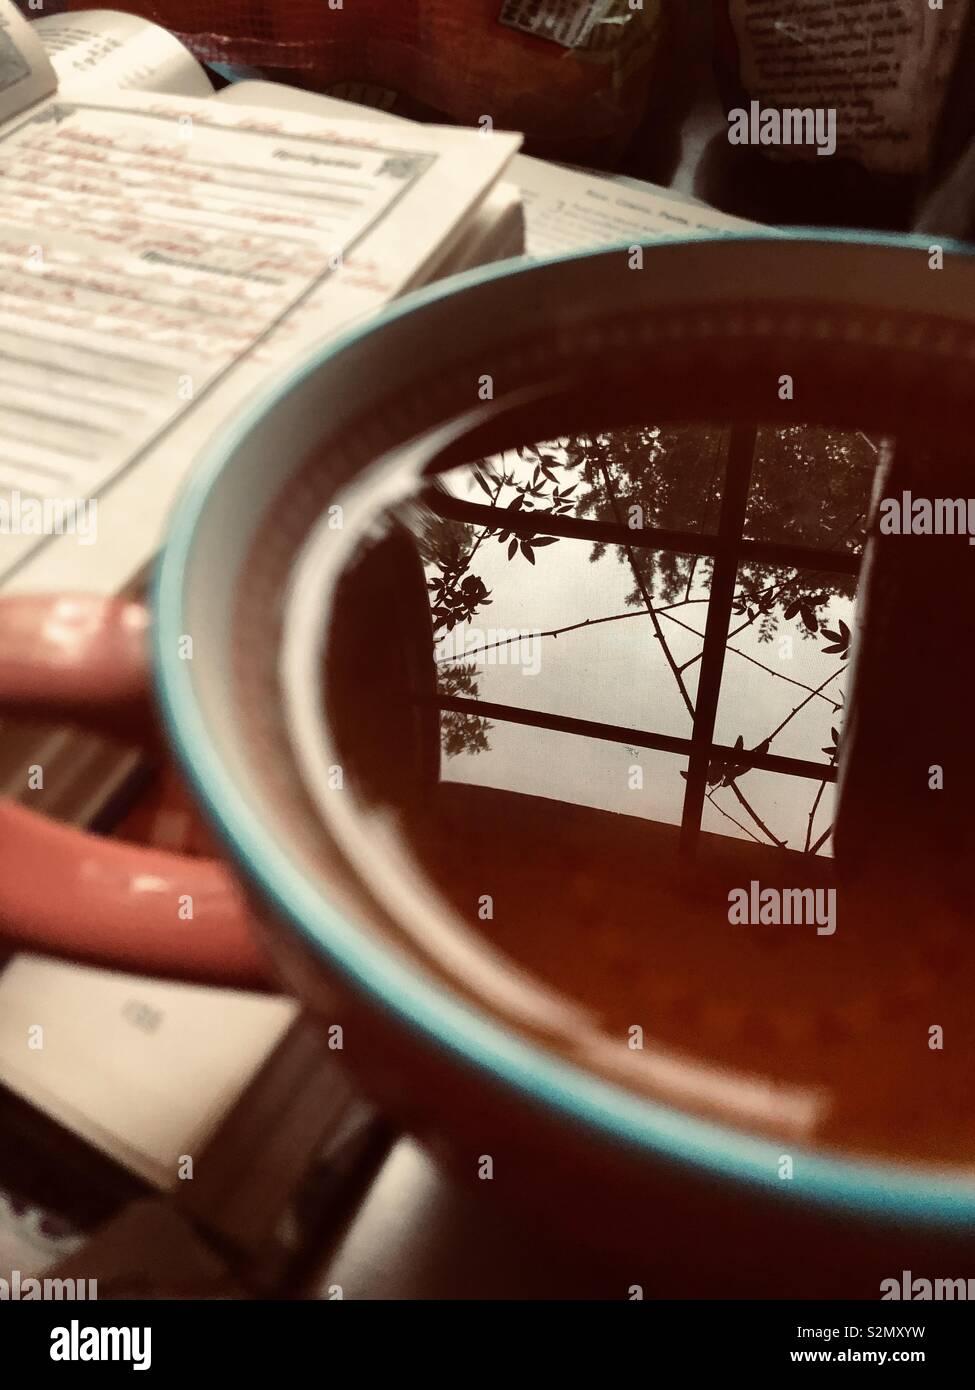 Cerca de una taza de té negro con una ventana de reflexión y una mano notas escritas en un bloc de notas en el fondo Imagen De Stock